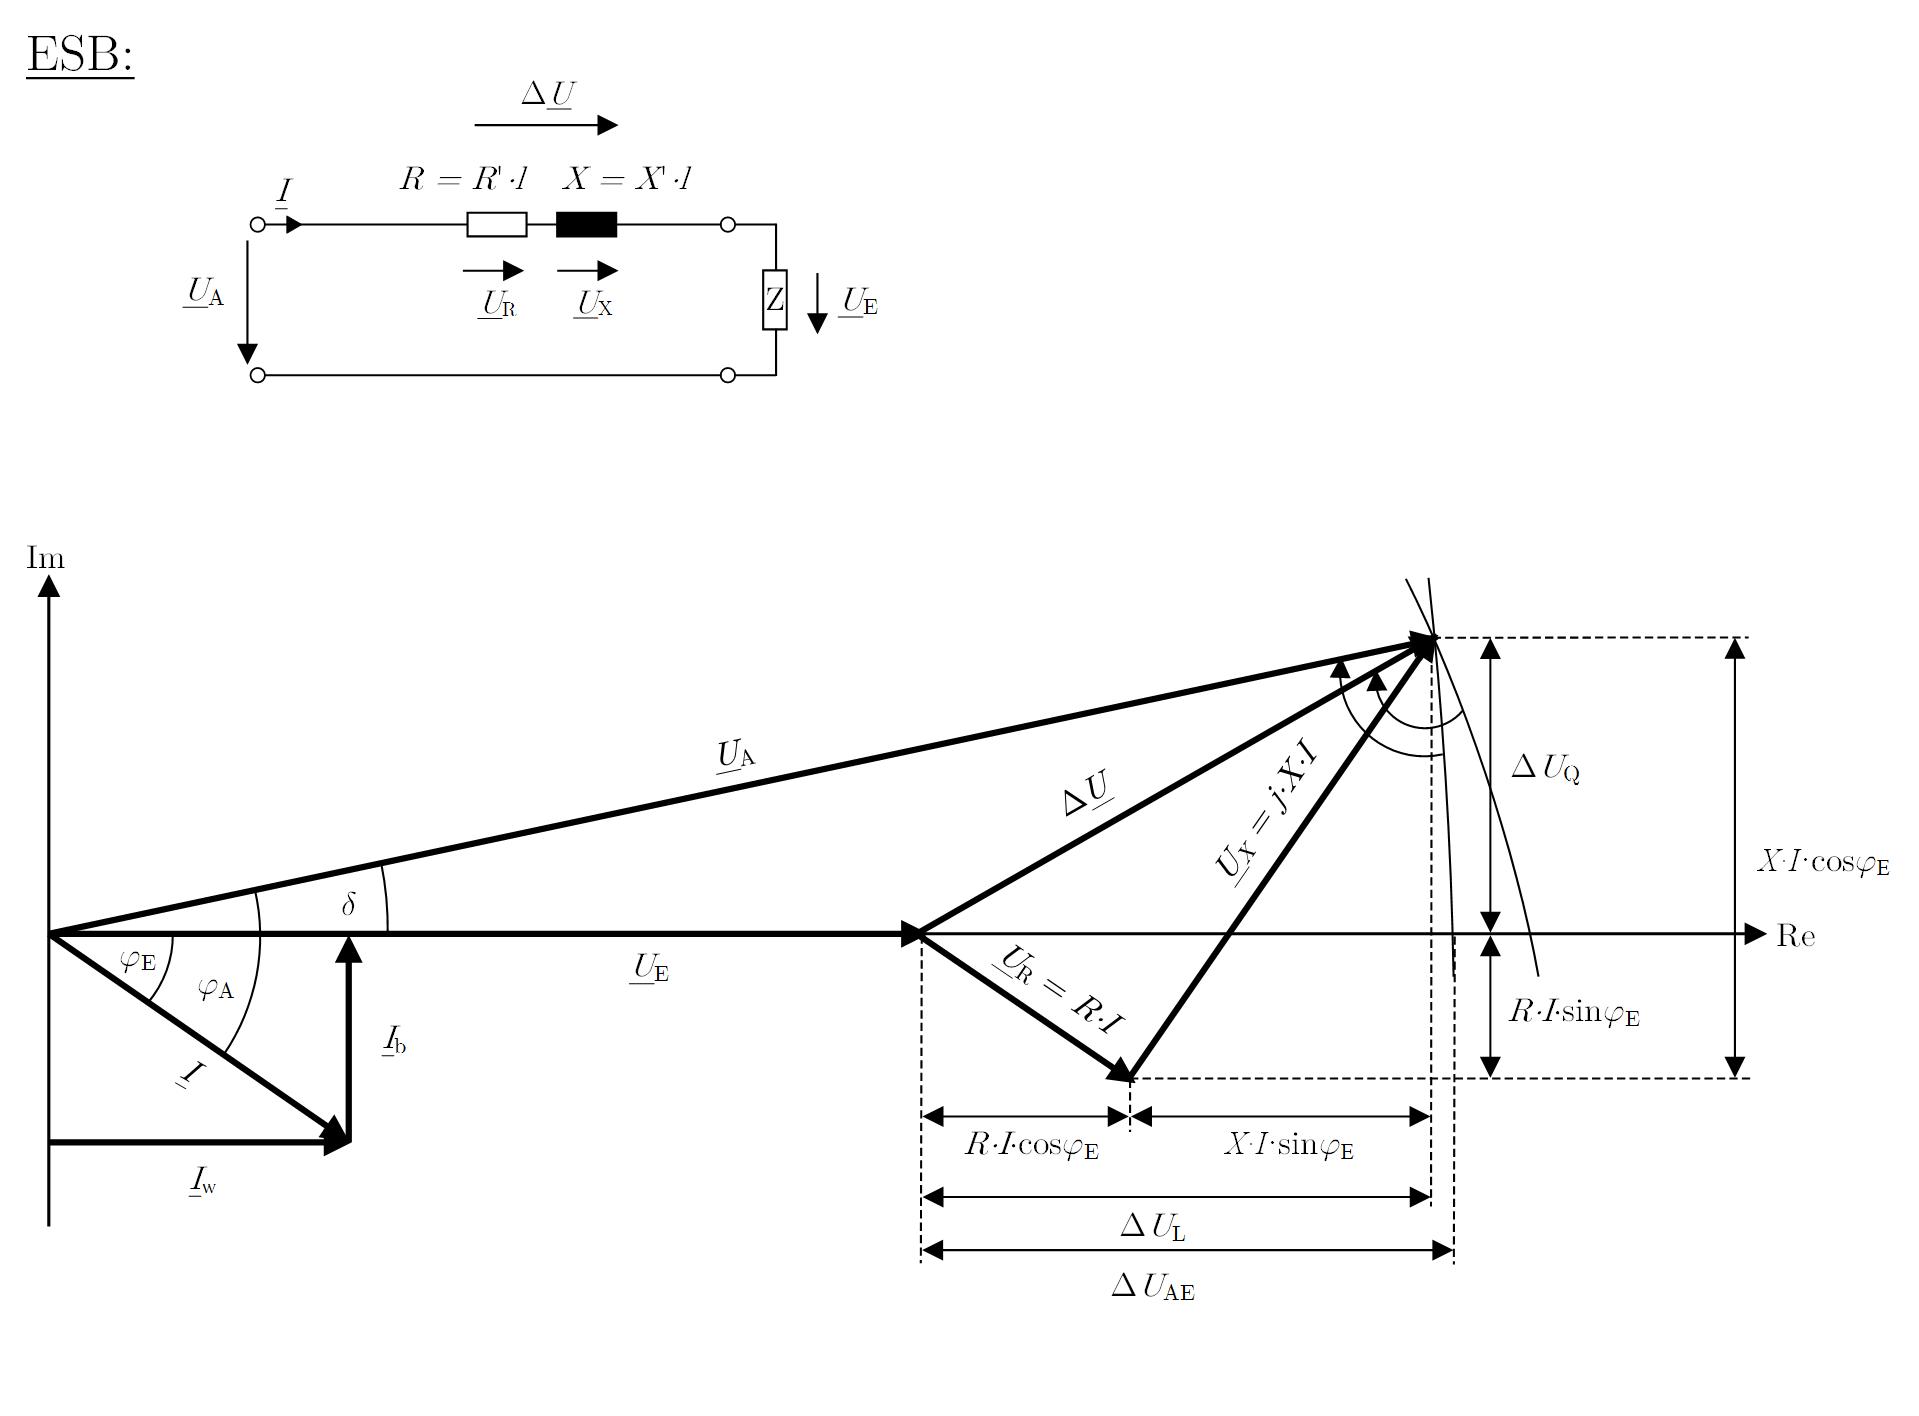 Abbildung 1: Vereinfachtes Ersatzschaltbild und Spannungszeigerdiagramm einer Leitung bzw. eines Transformators